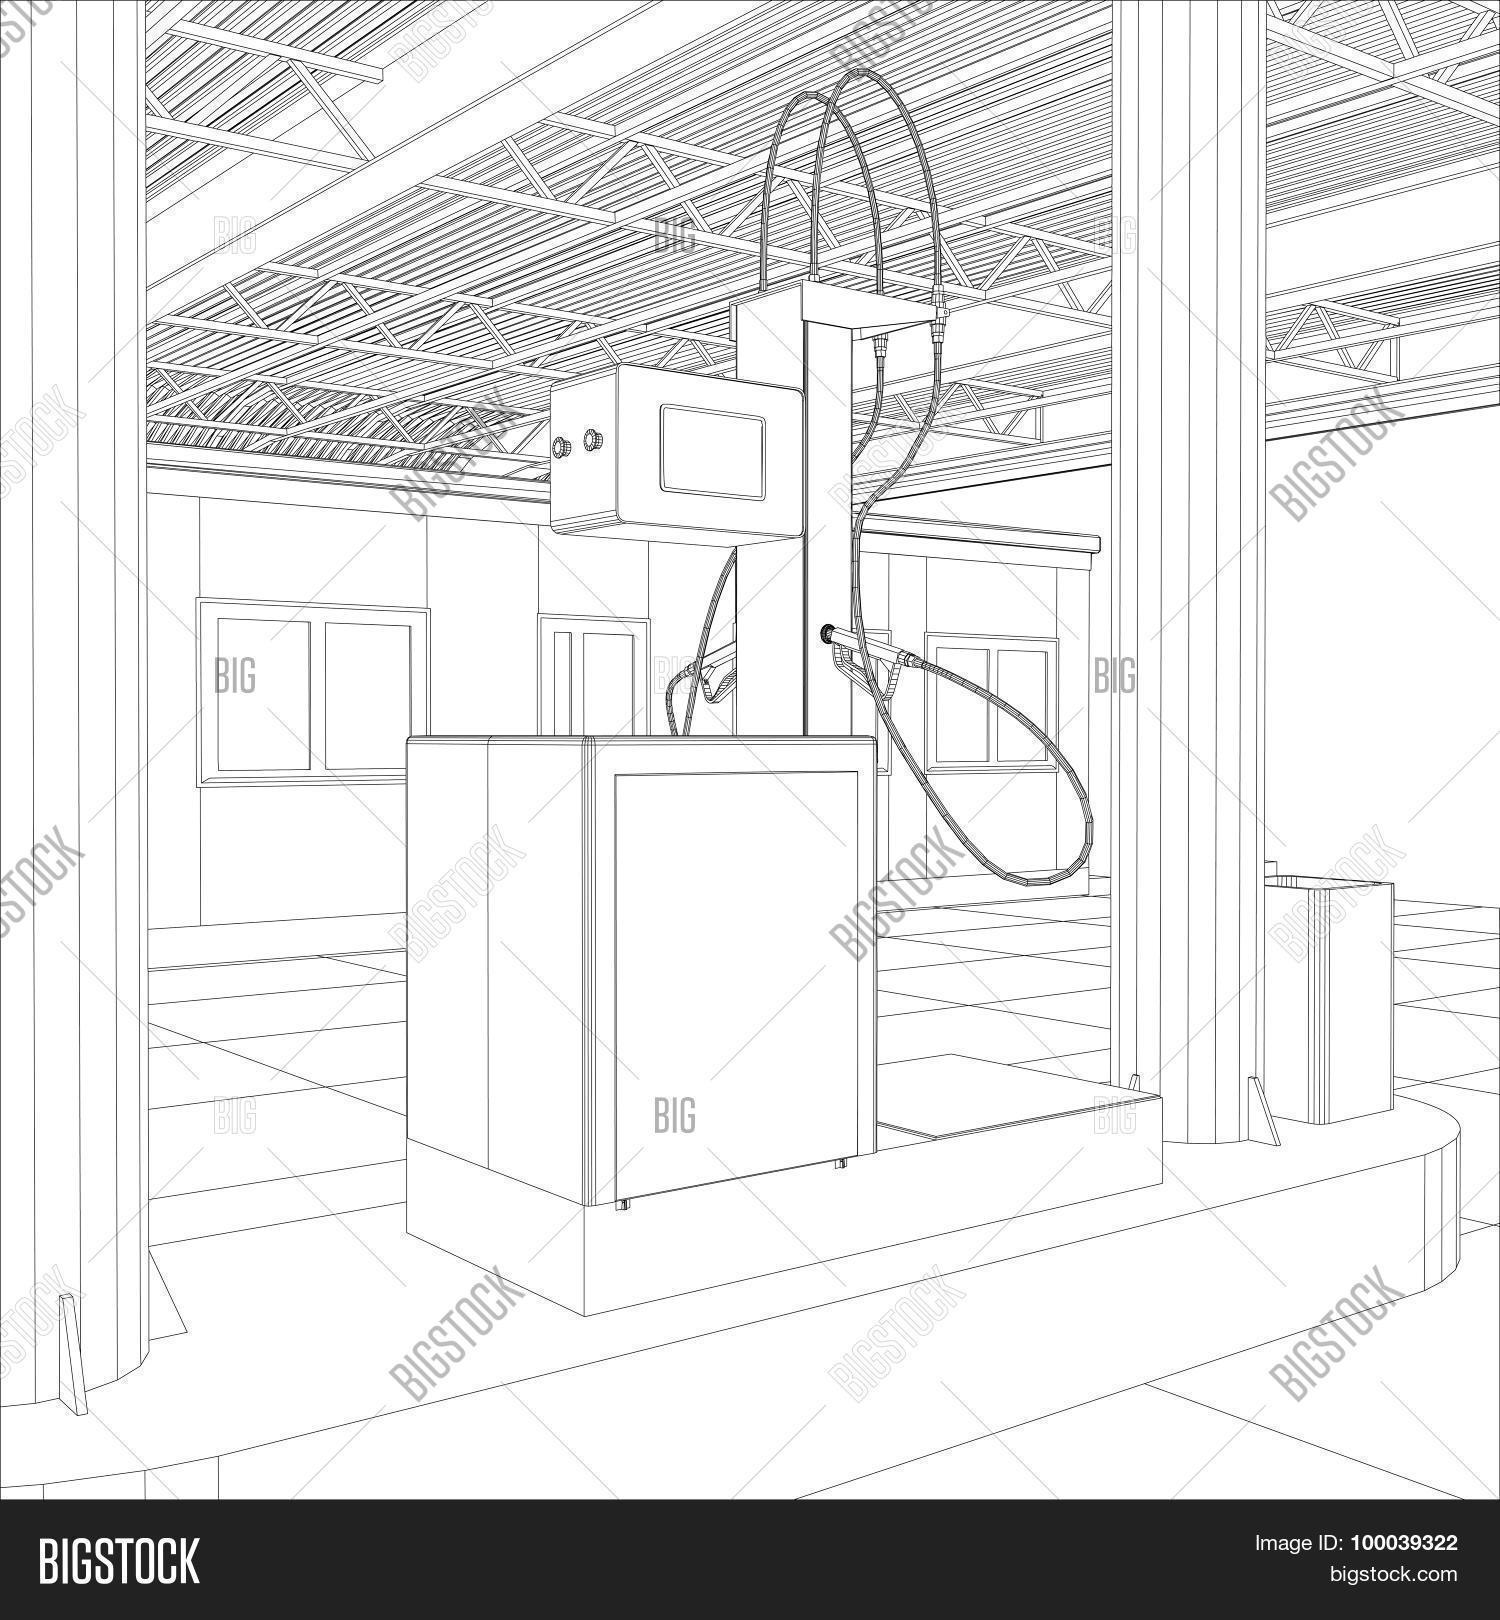 Ga Station Wiring Diagram